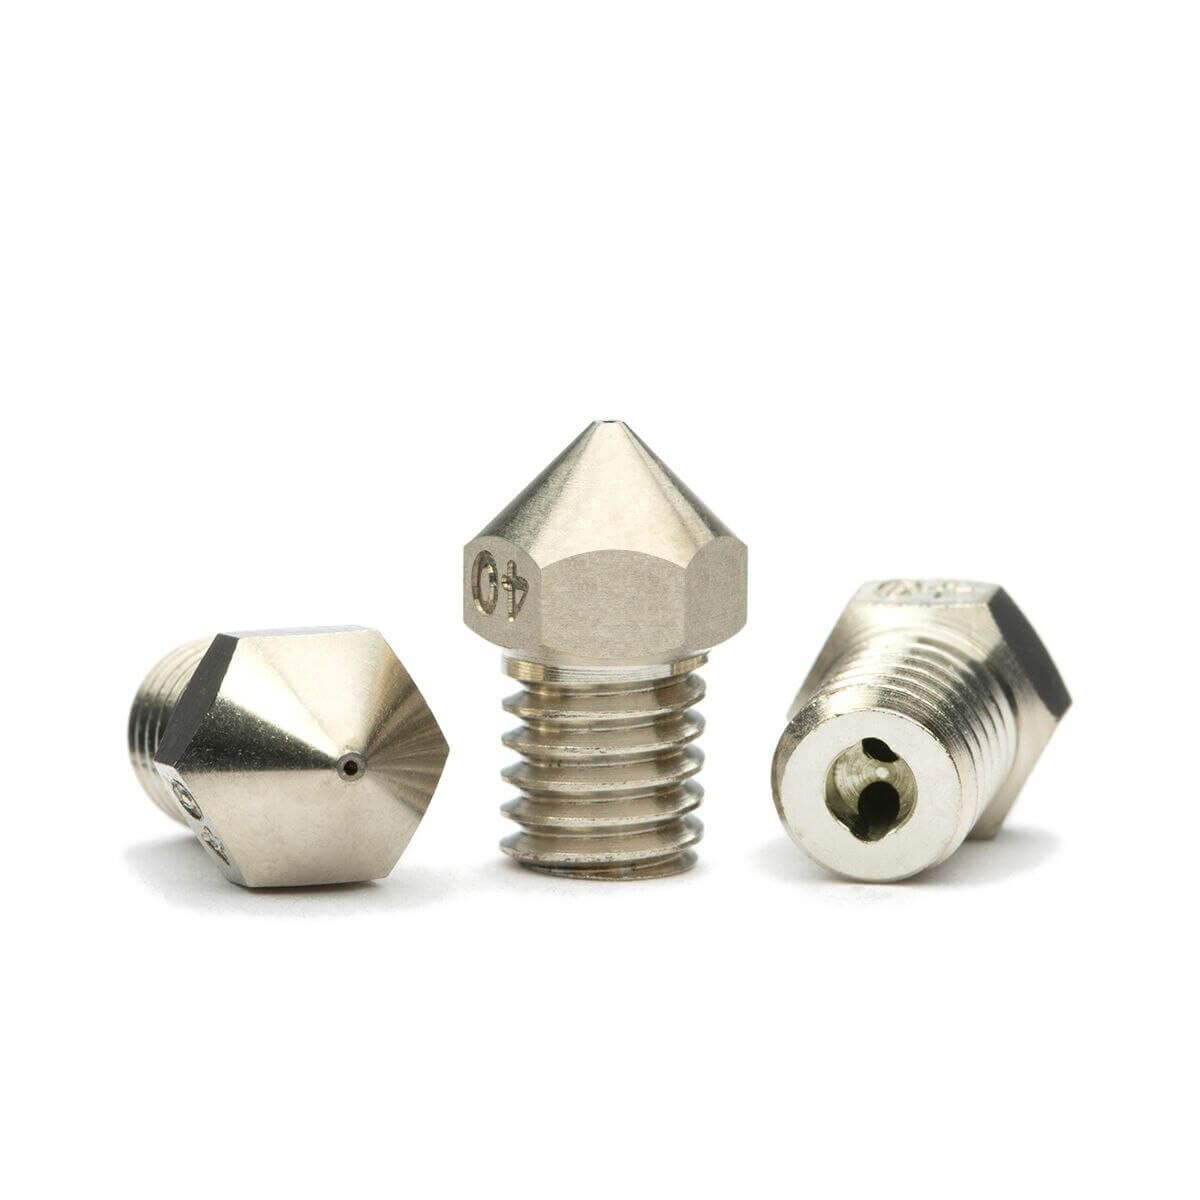 Bondtech - 3DSolex Matchless 1.75mm Nozzle - 3D Printer Spare Parts